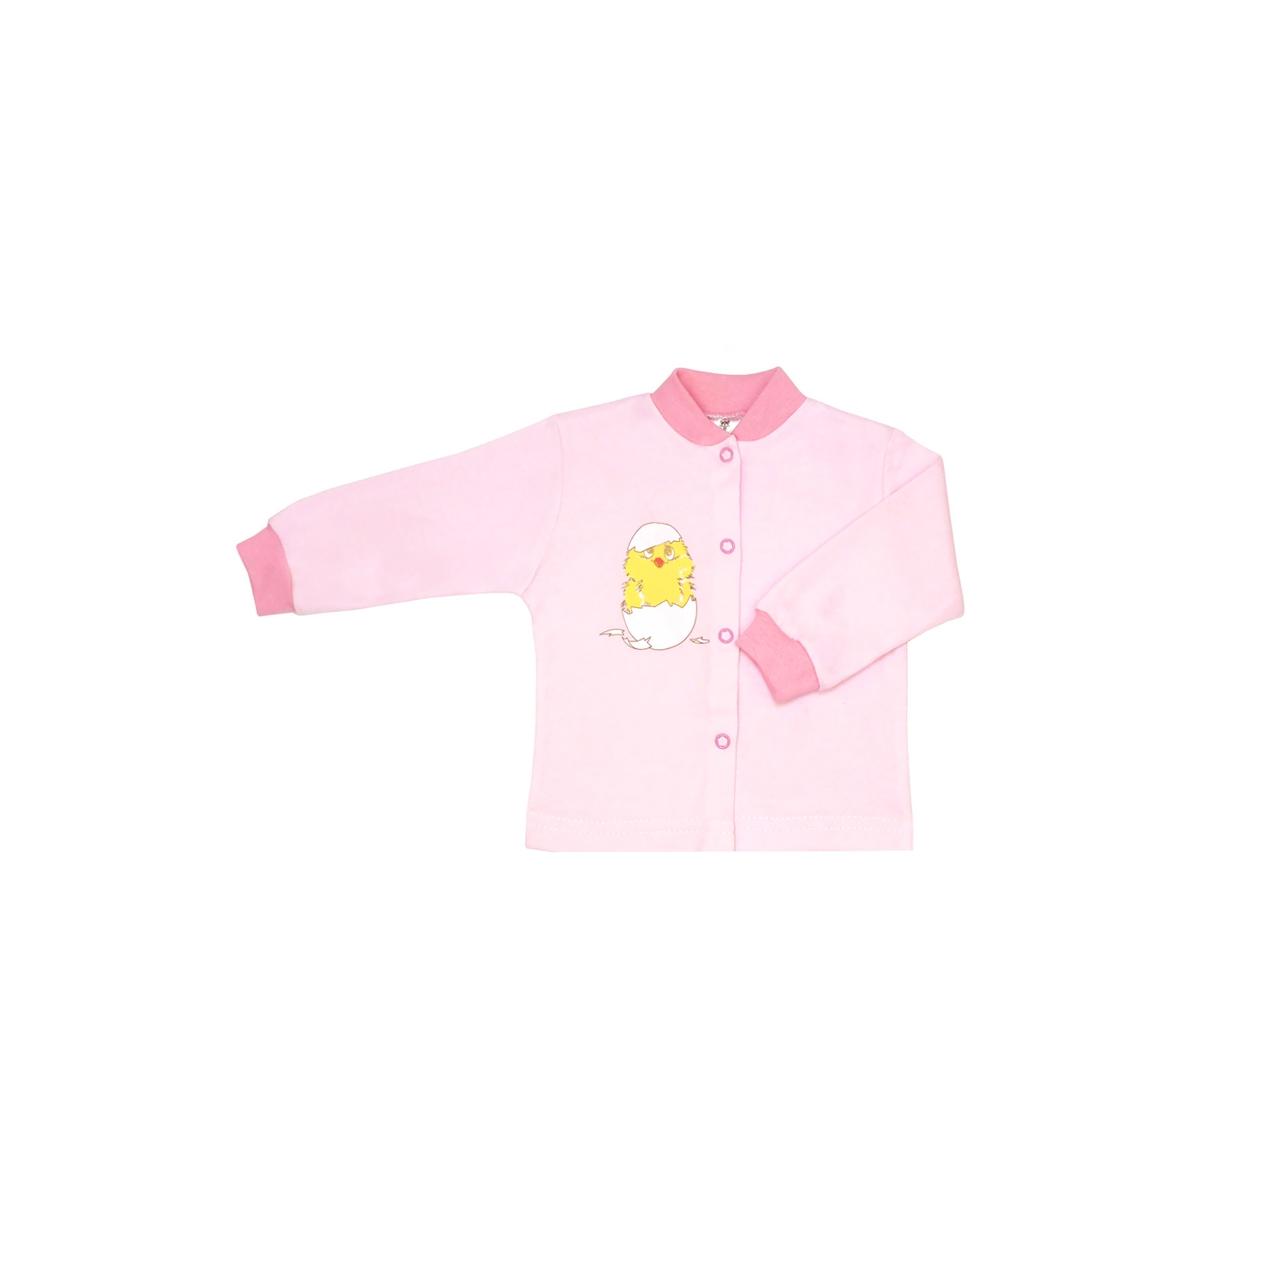 Кофточка КОТМАРКОТ для девочки, цвет розовый, Цыпленок 9-12 мес (размер 80)<br>